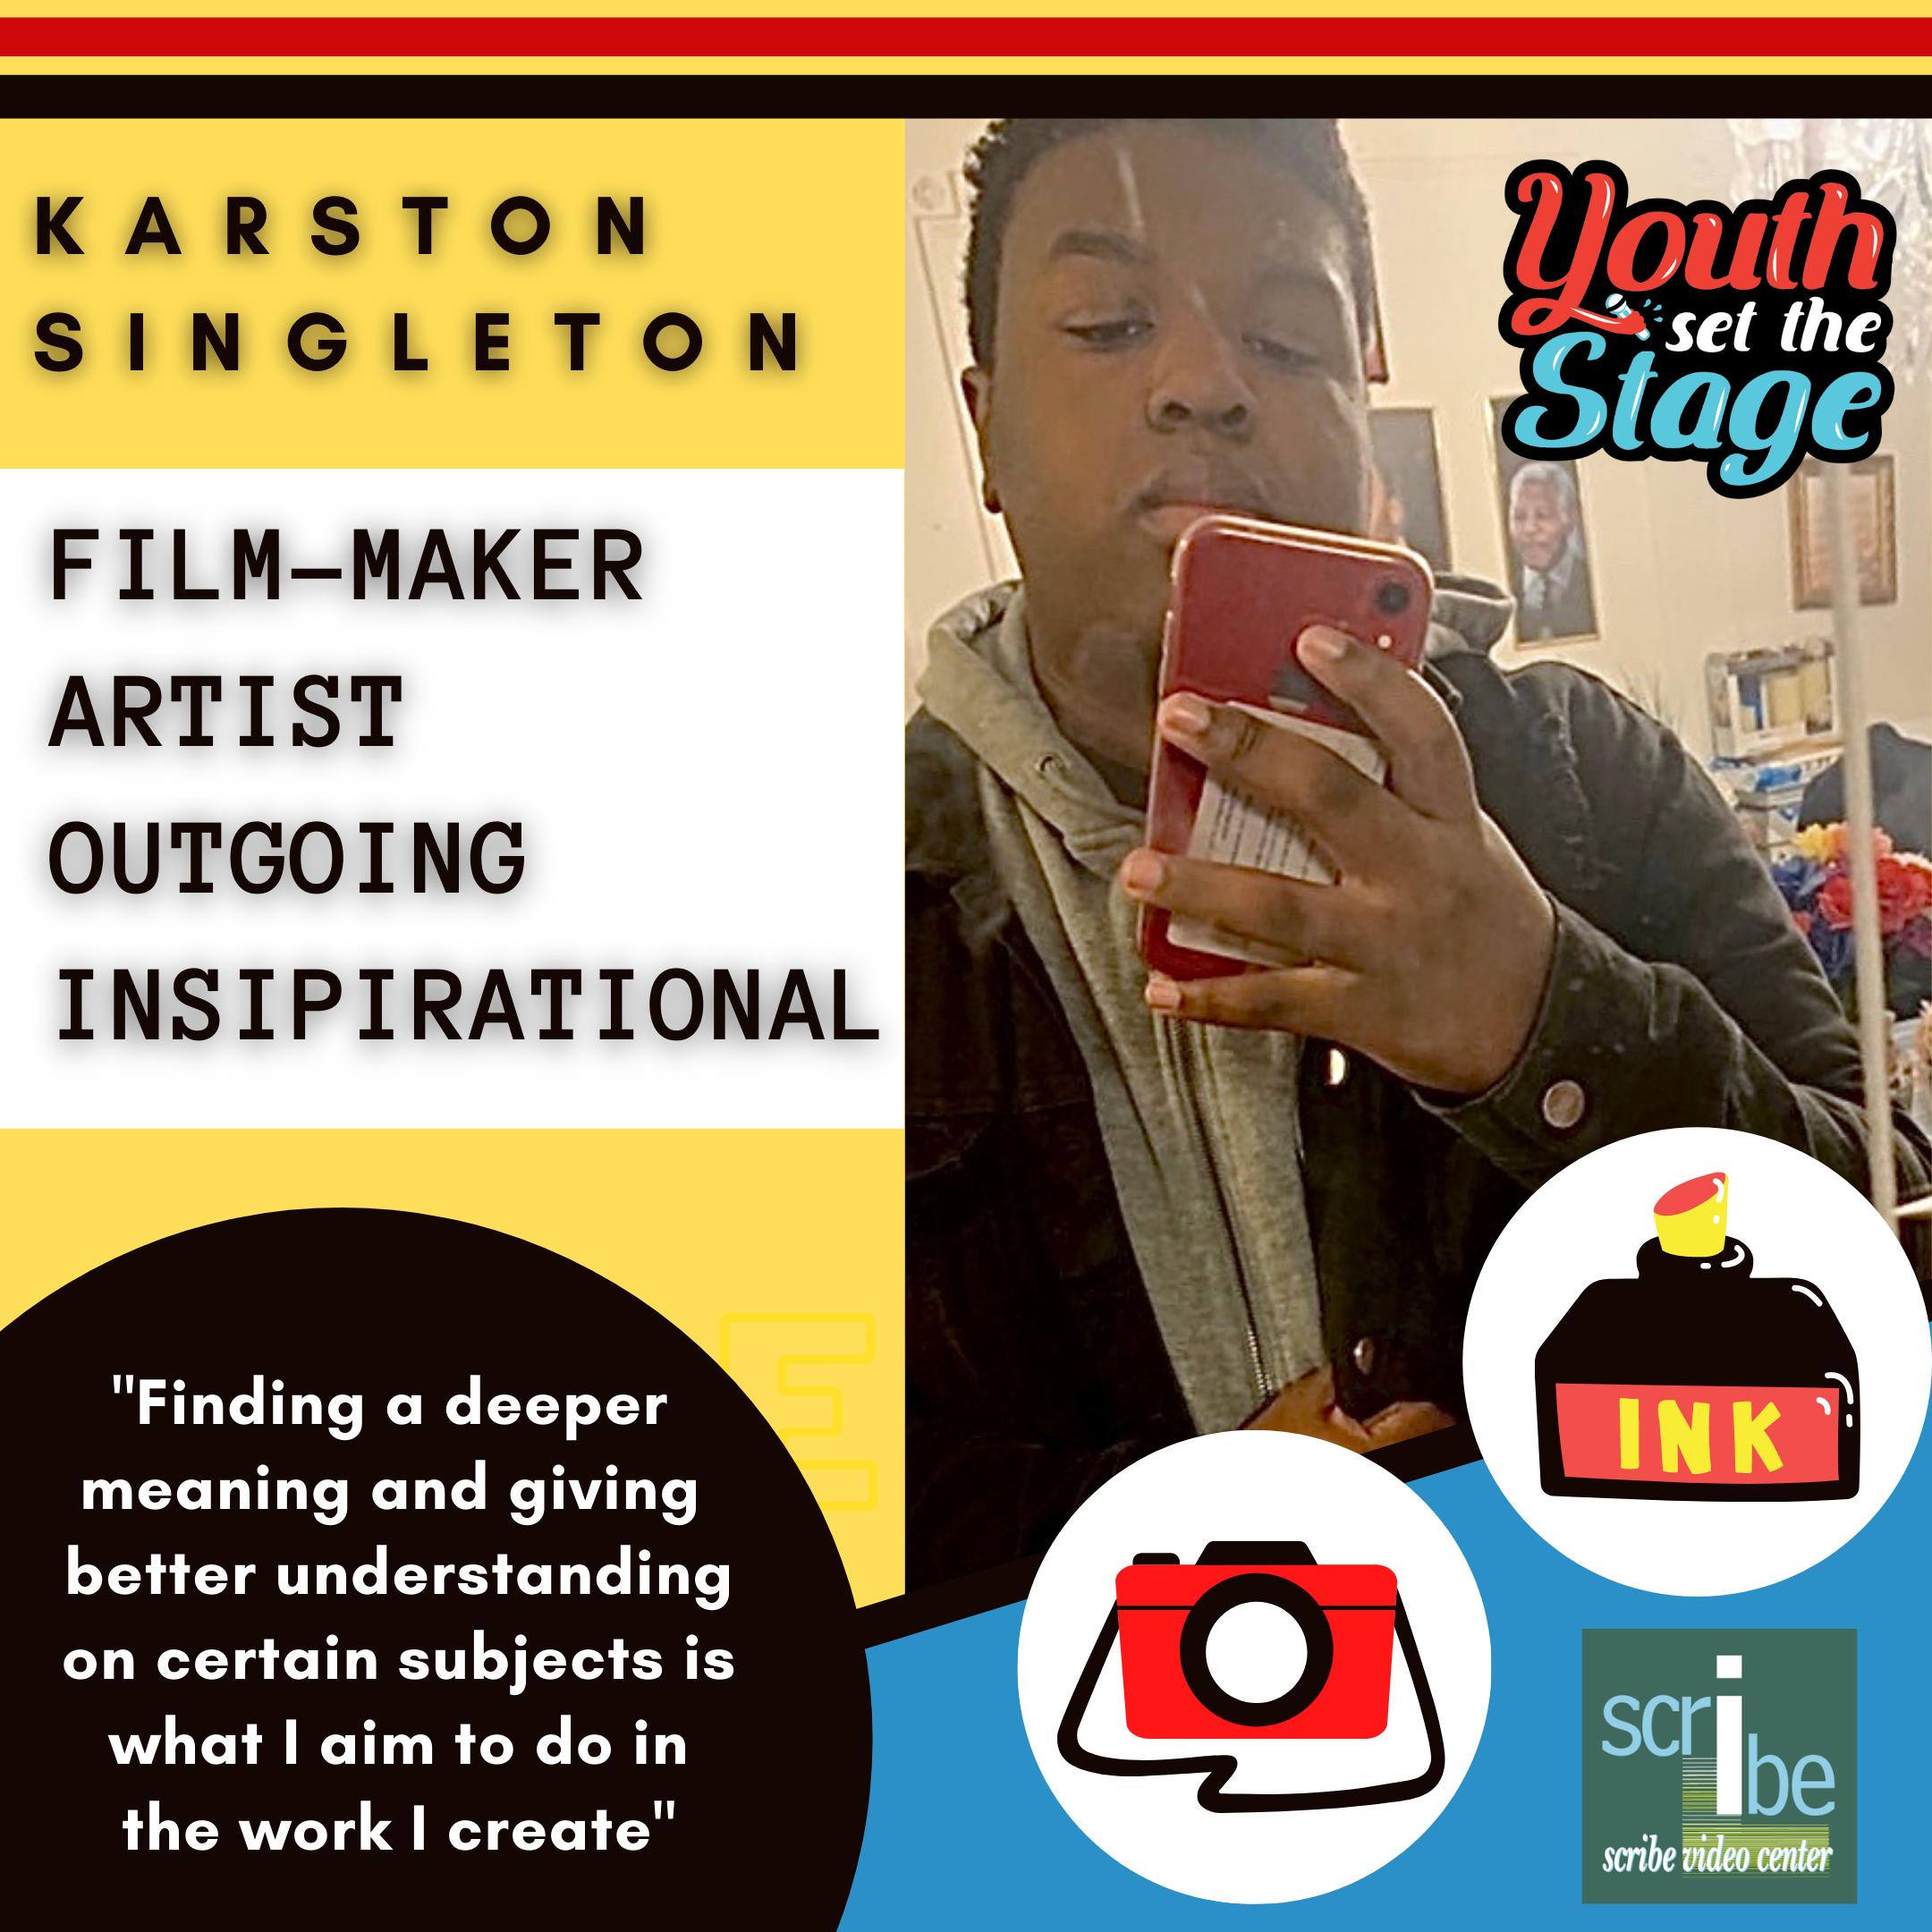 Karston Singleton